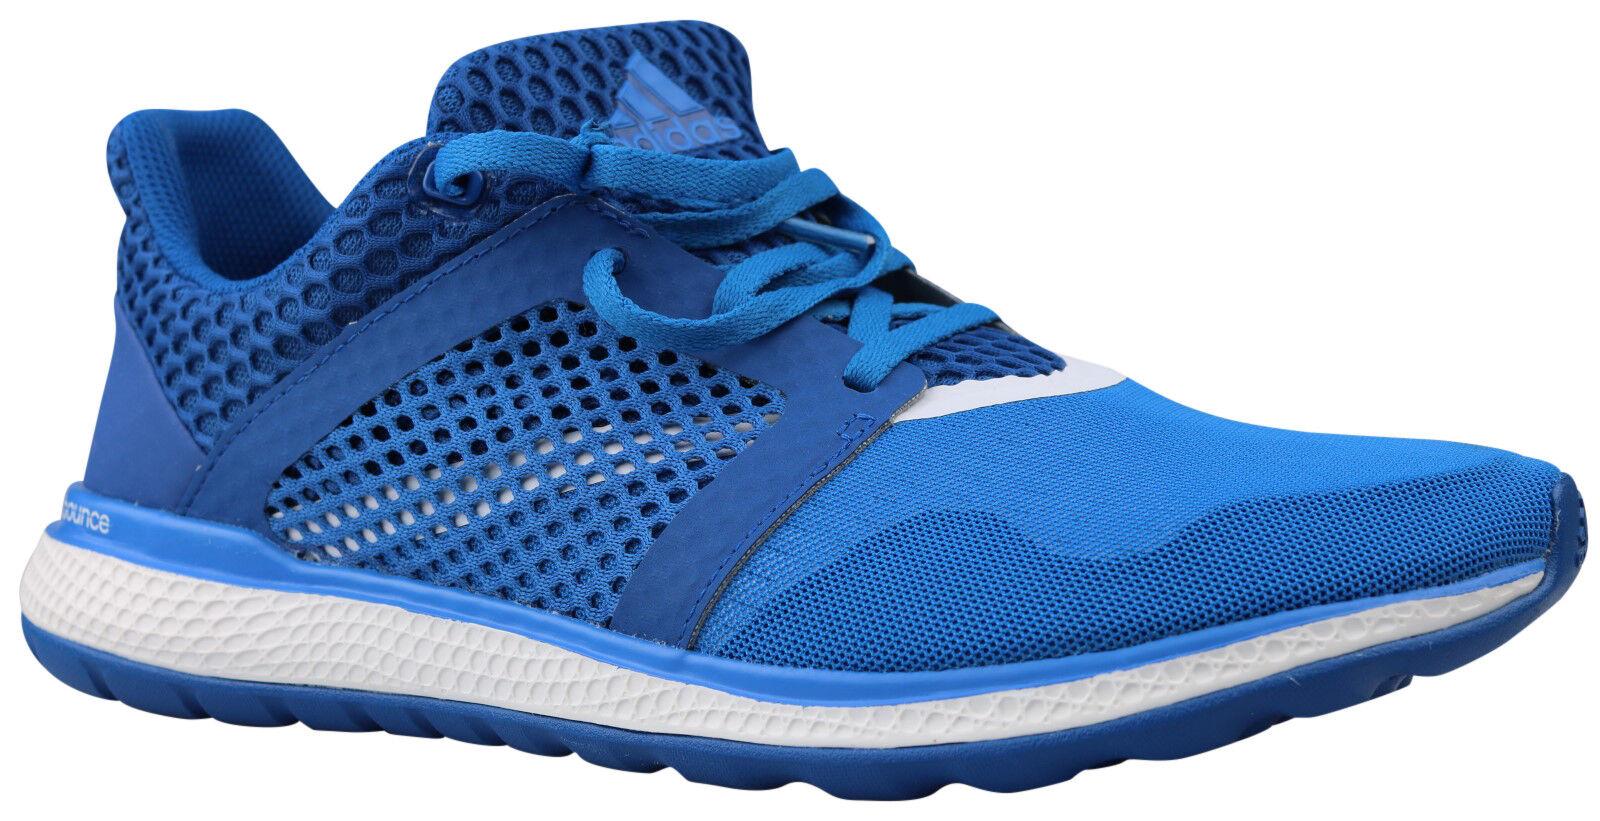 Adidas energy Bounce  2 caballeros zapatillas zapatos azul aq3153 talla 40 & 47 nuevo  Venta al por mayor barato y de alta calidad.